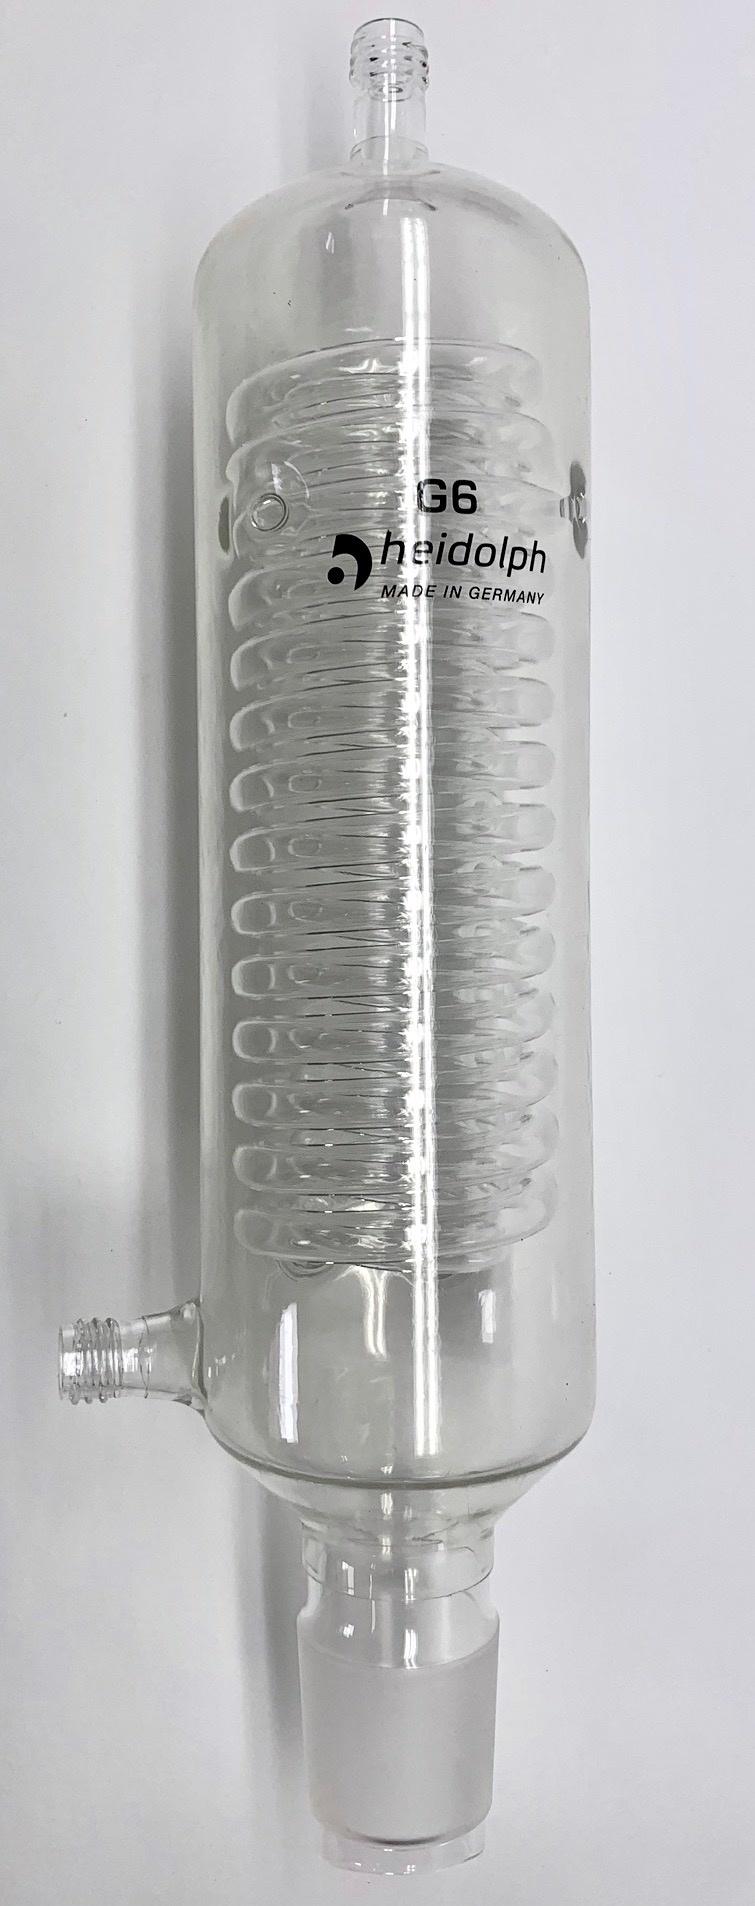 Heidolph Heidolph G6B condenser